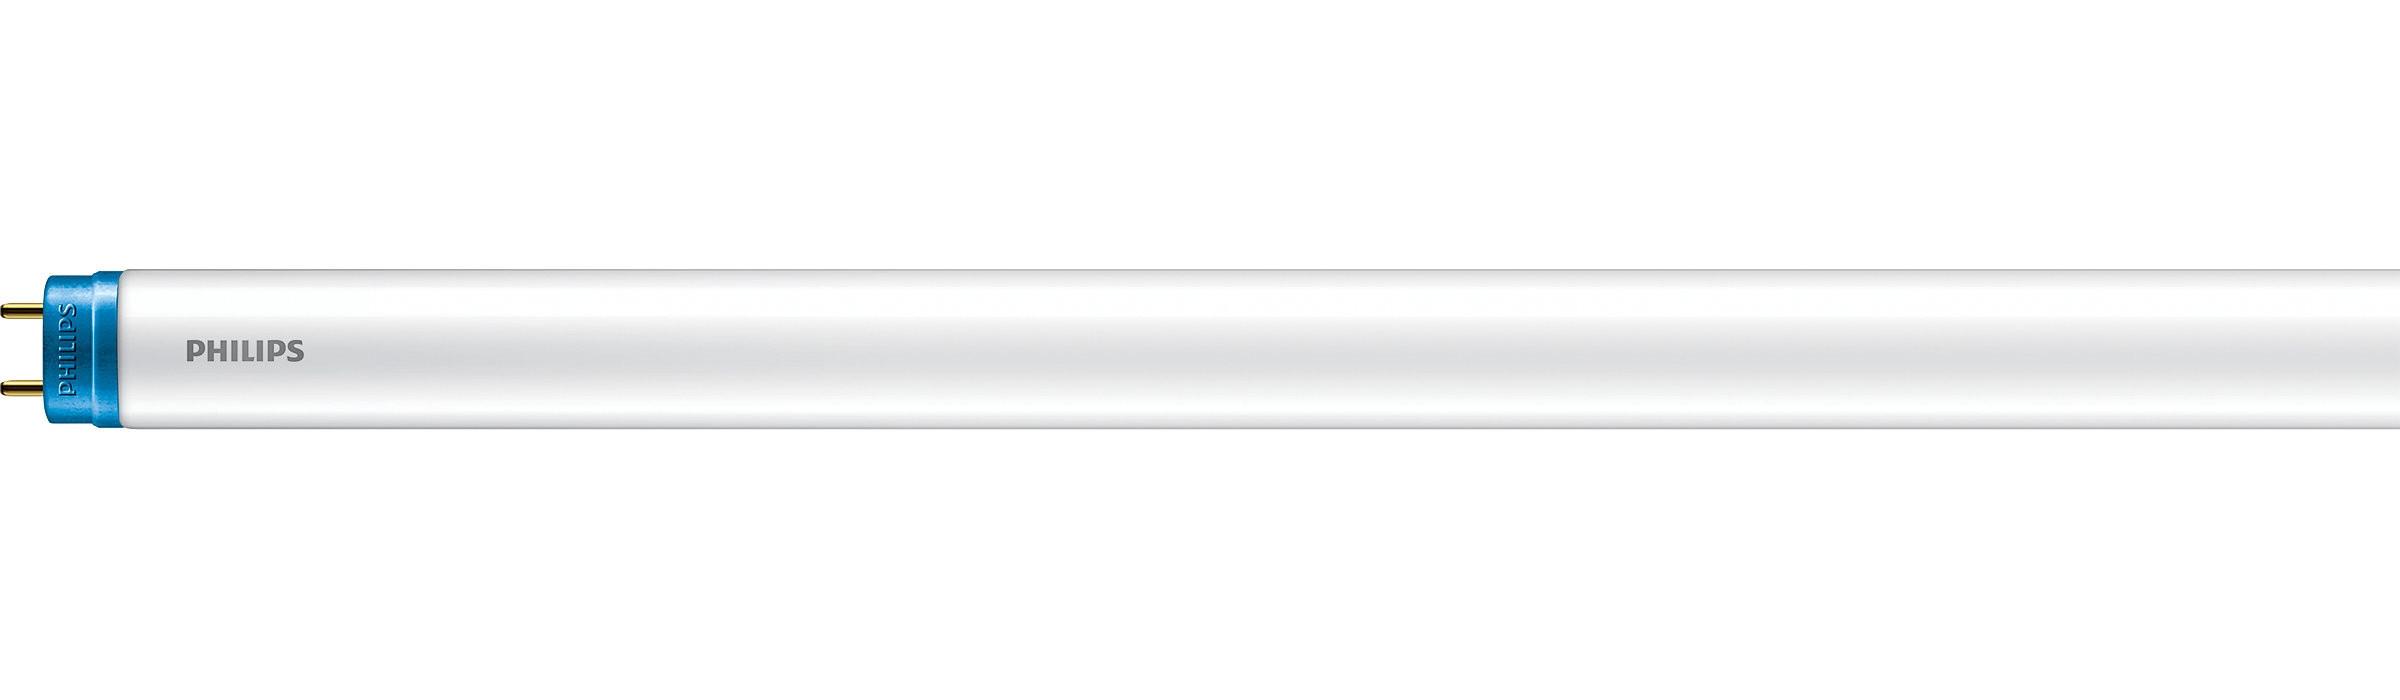 LED Röhre Philips CoreLEDtube 240° - 6500K - 20W - 2200lm